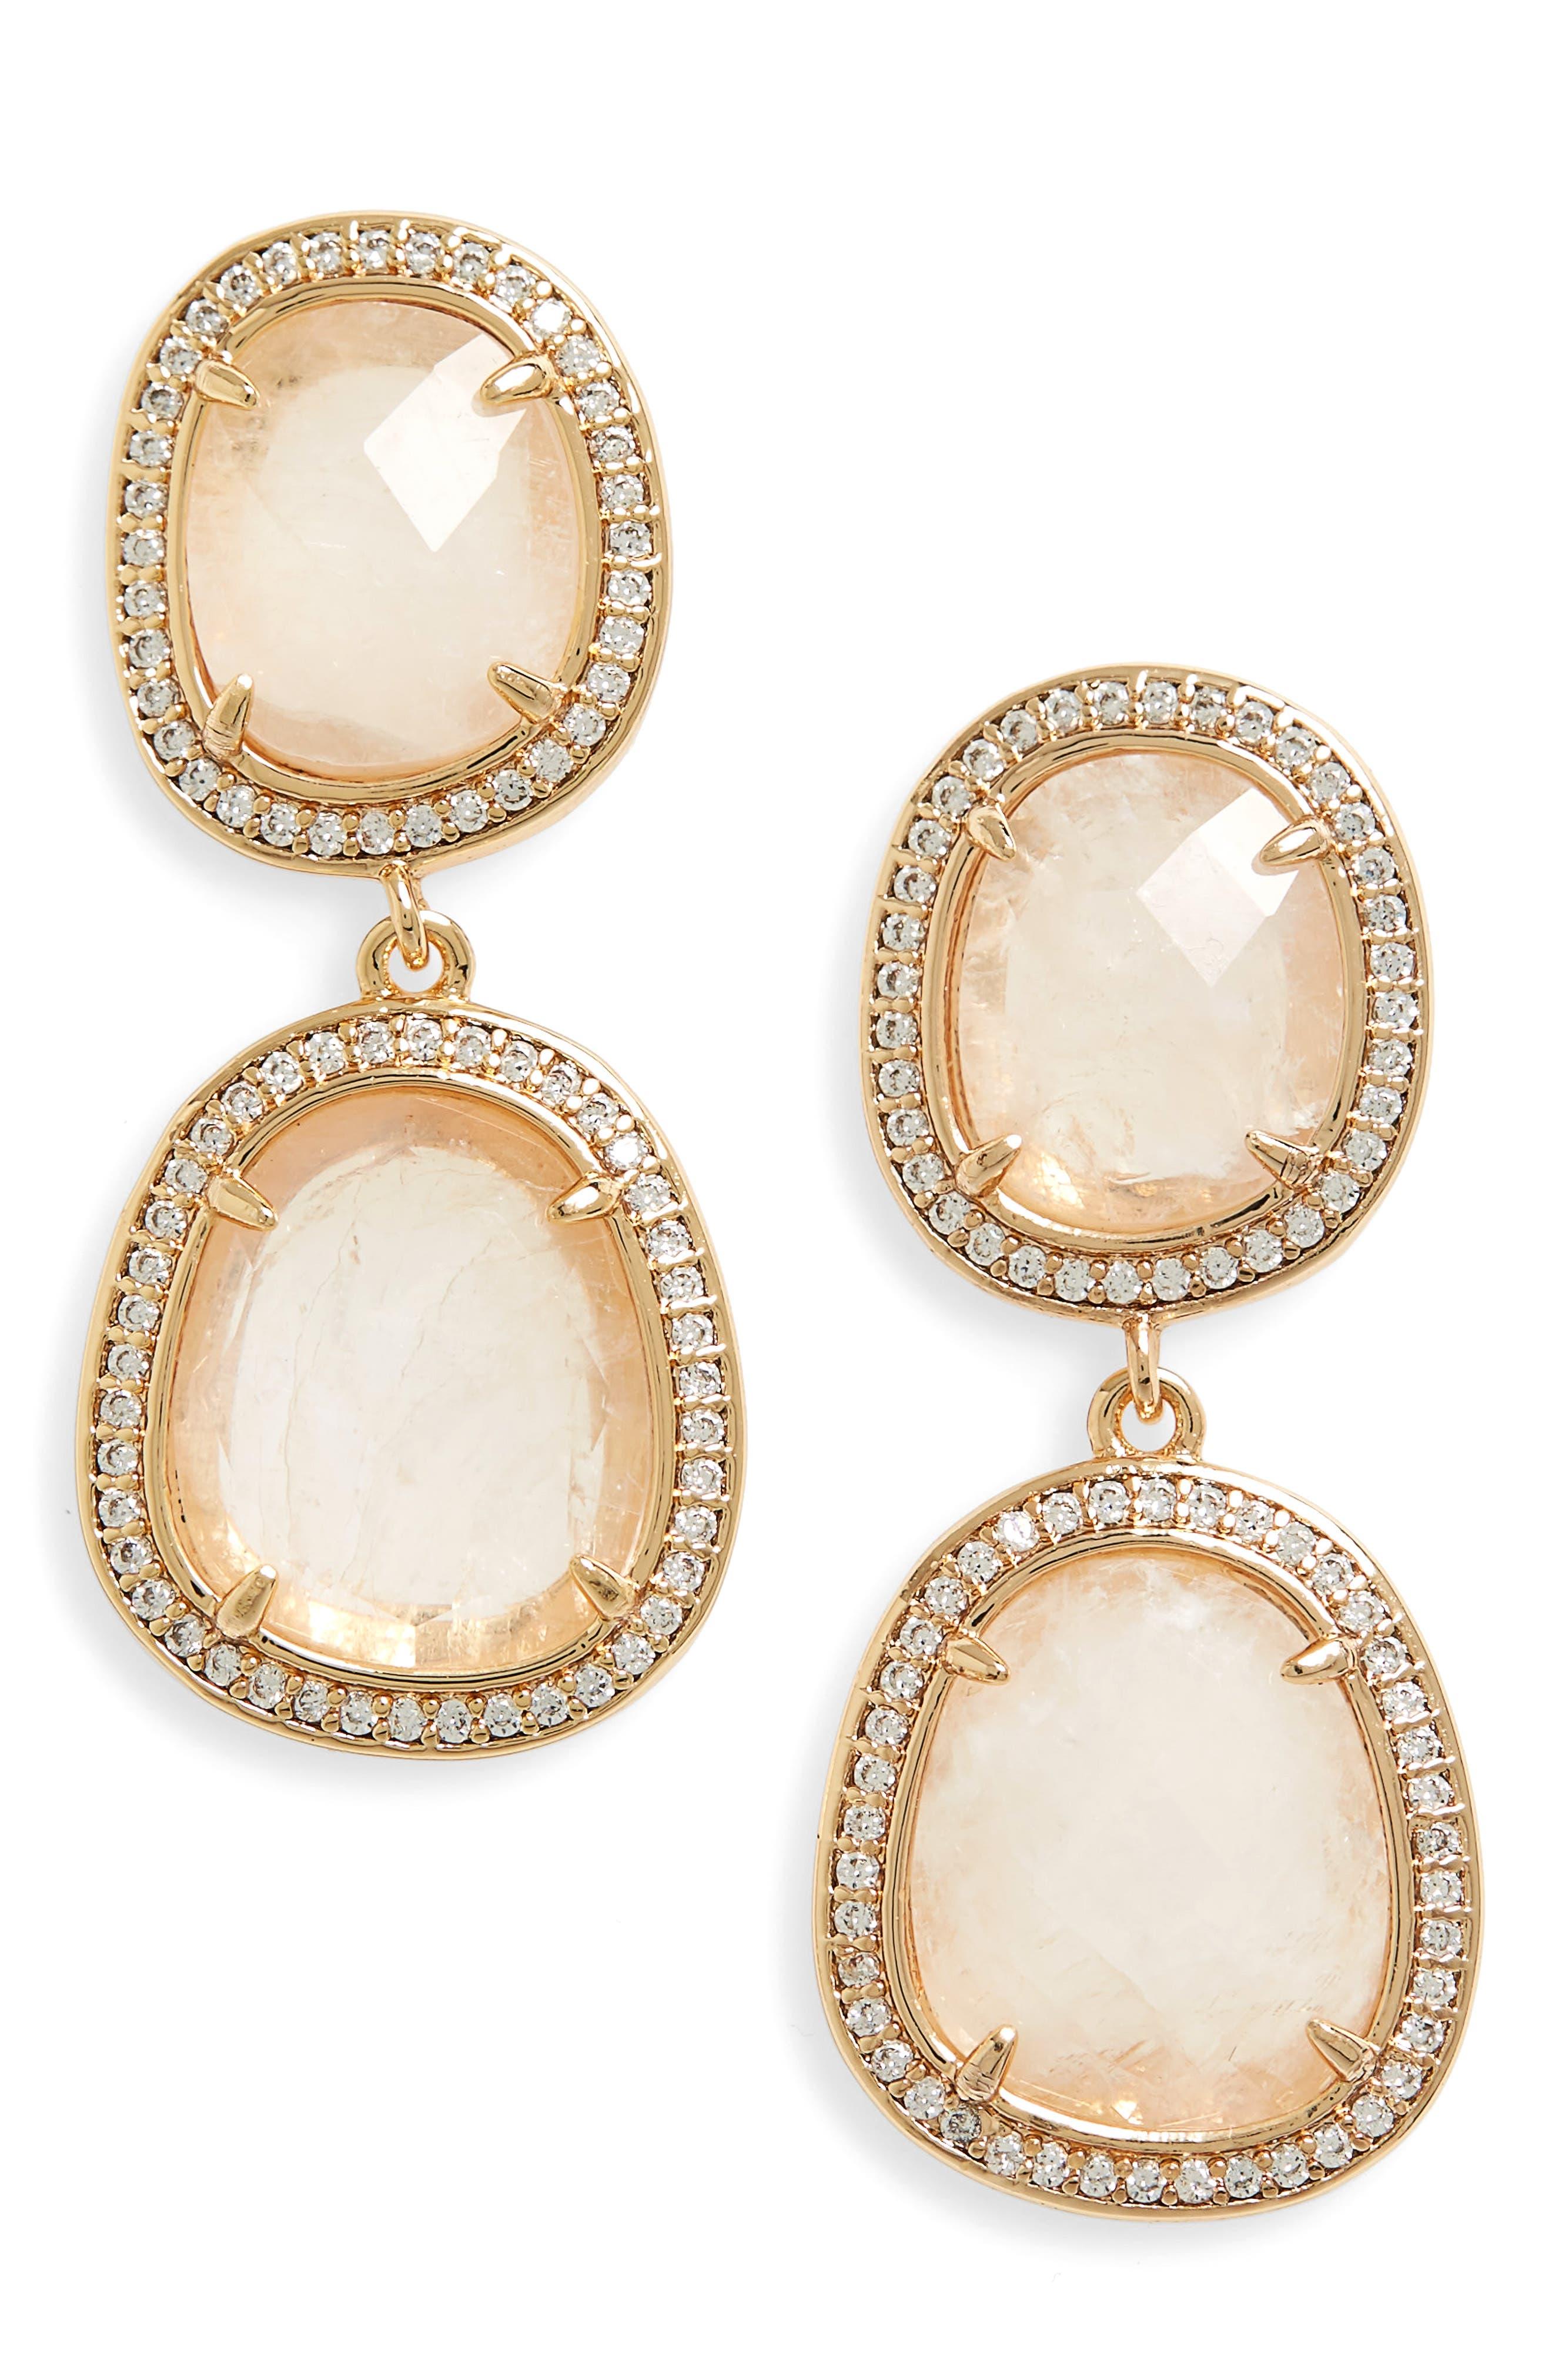 Double Drop Earrings,                             Main thumbnail 1, color,                             Moonstone/ Gold